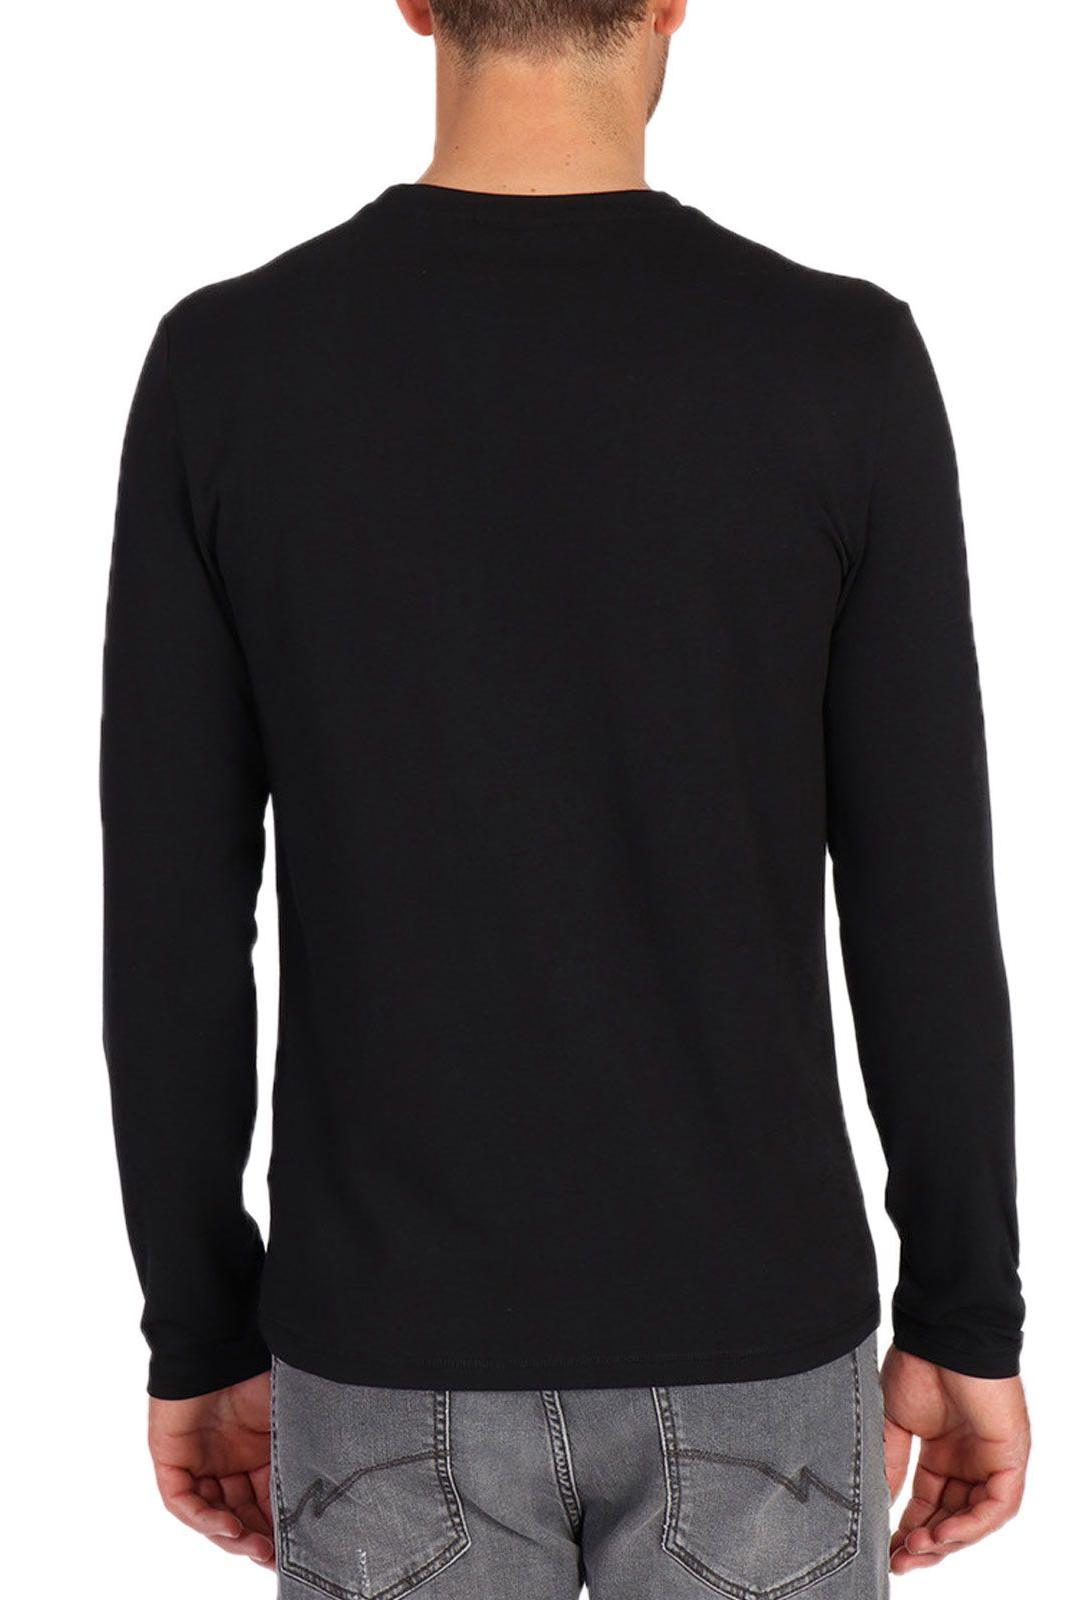 Tee-shirts  Kaporal GERLU BLACK